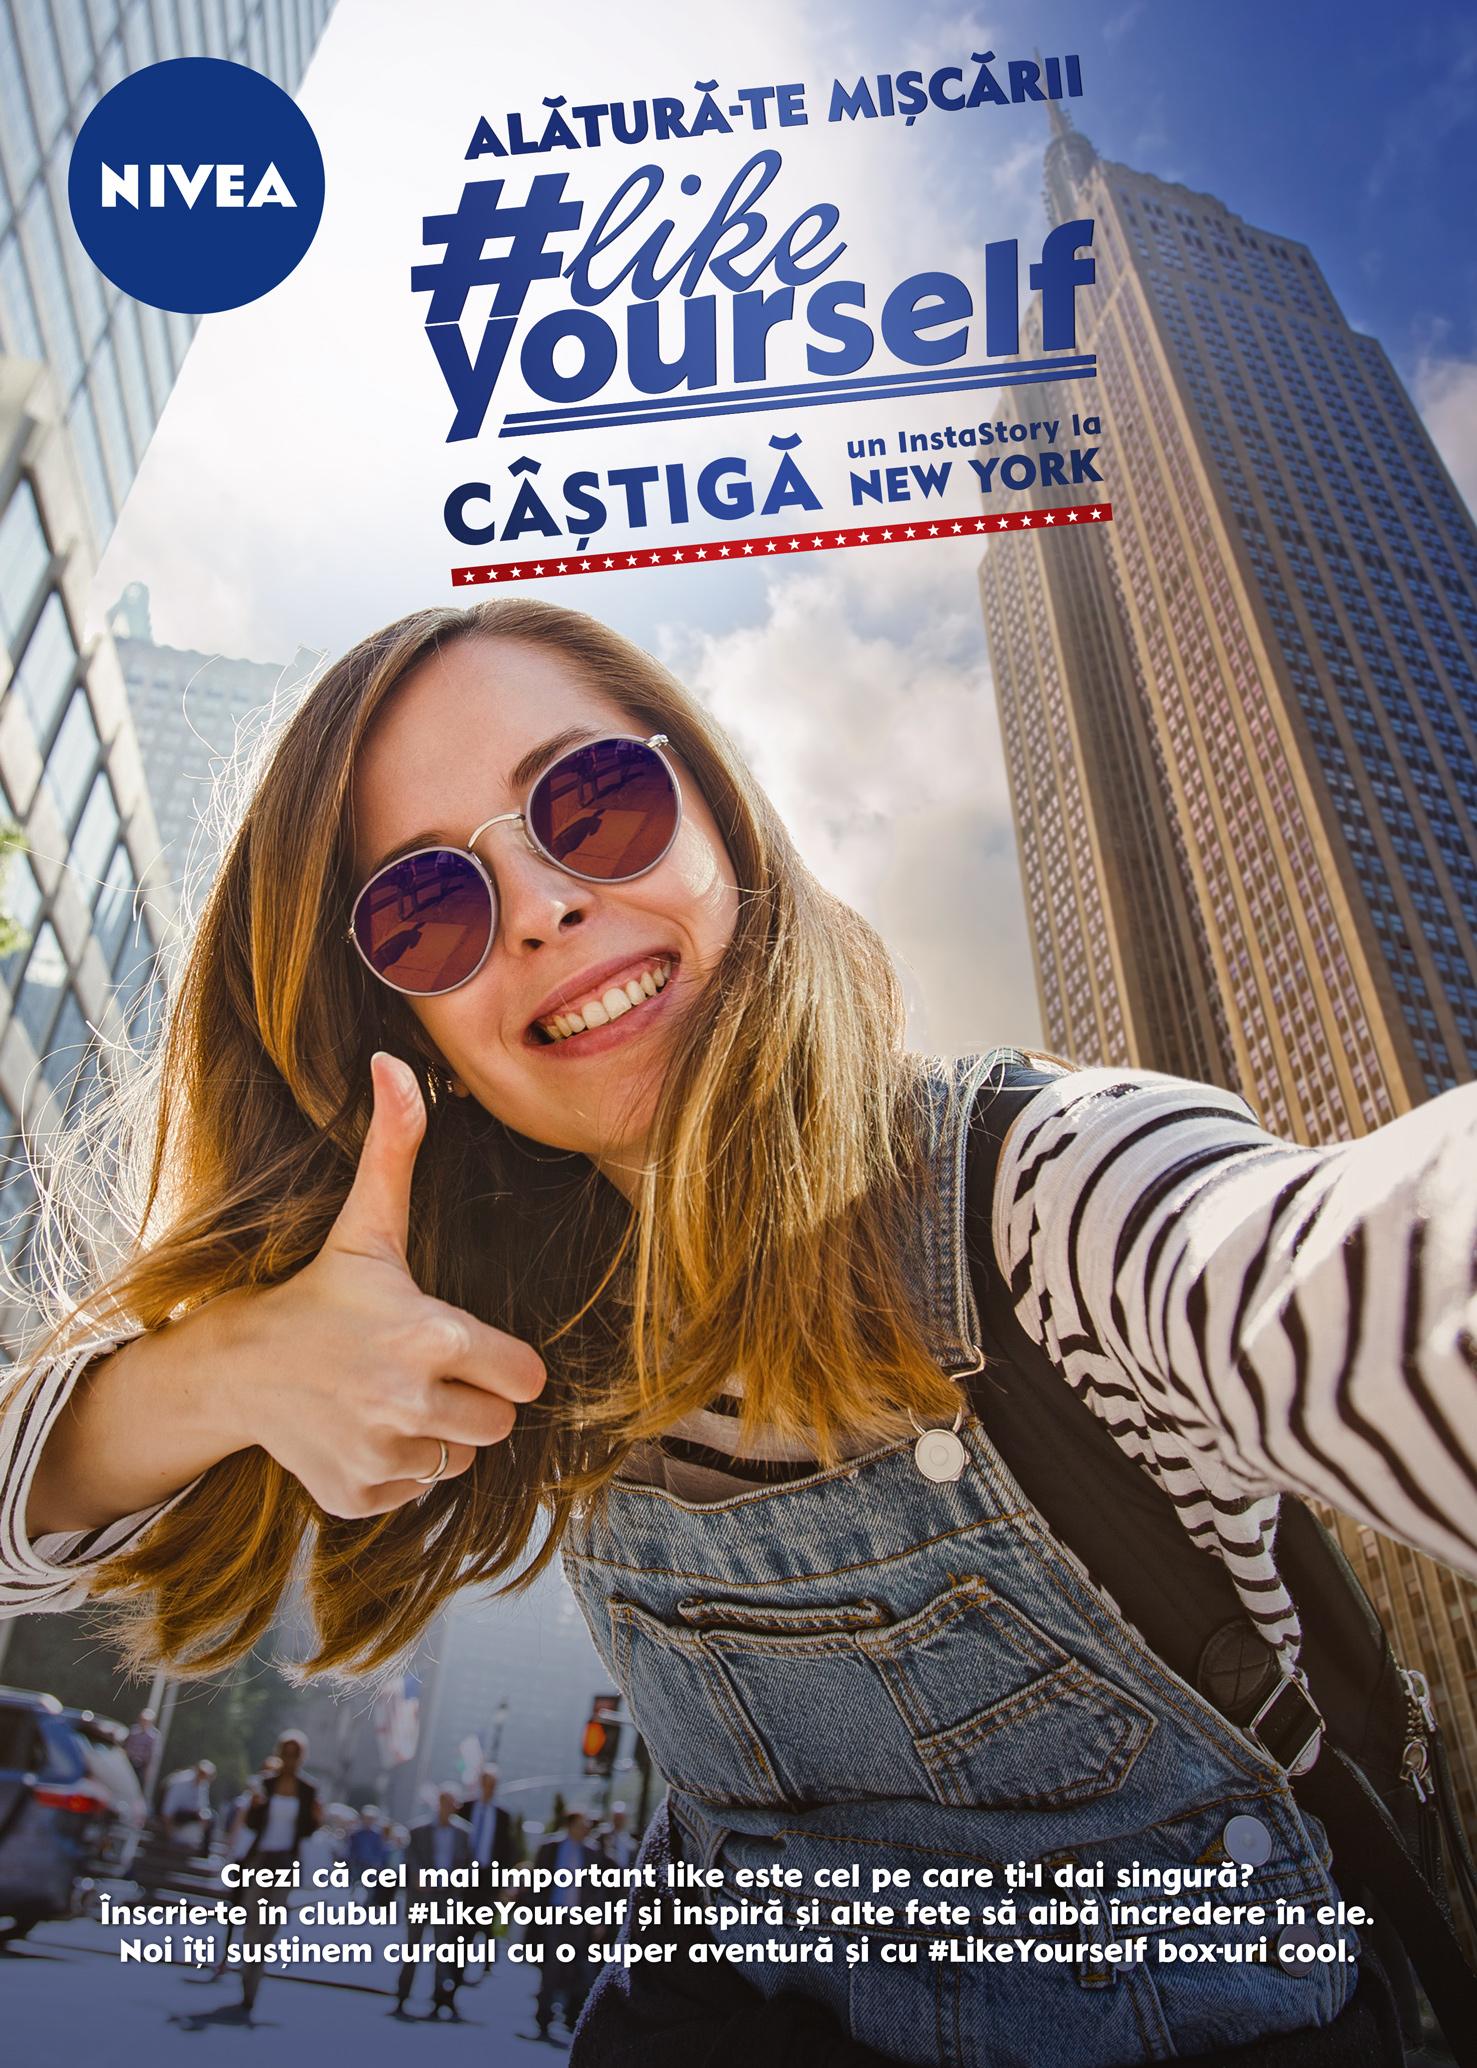 Alătură-te Mișcării NIVEA #LikeYourself! Fii chiar tu vocea care oferă fetelor încredere în ele și câștigă un Instastory la New York